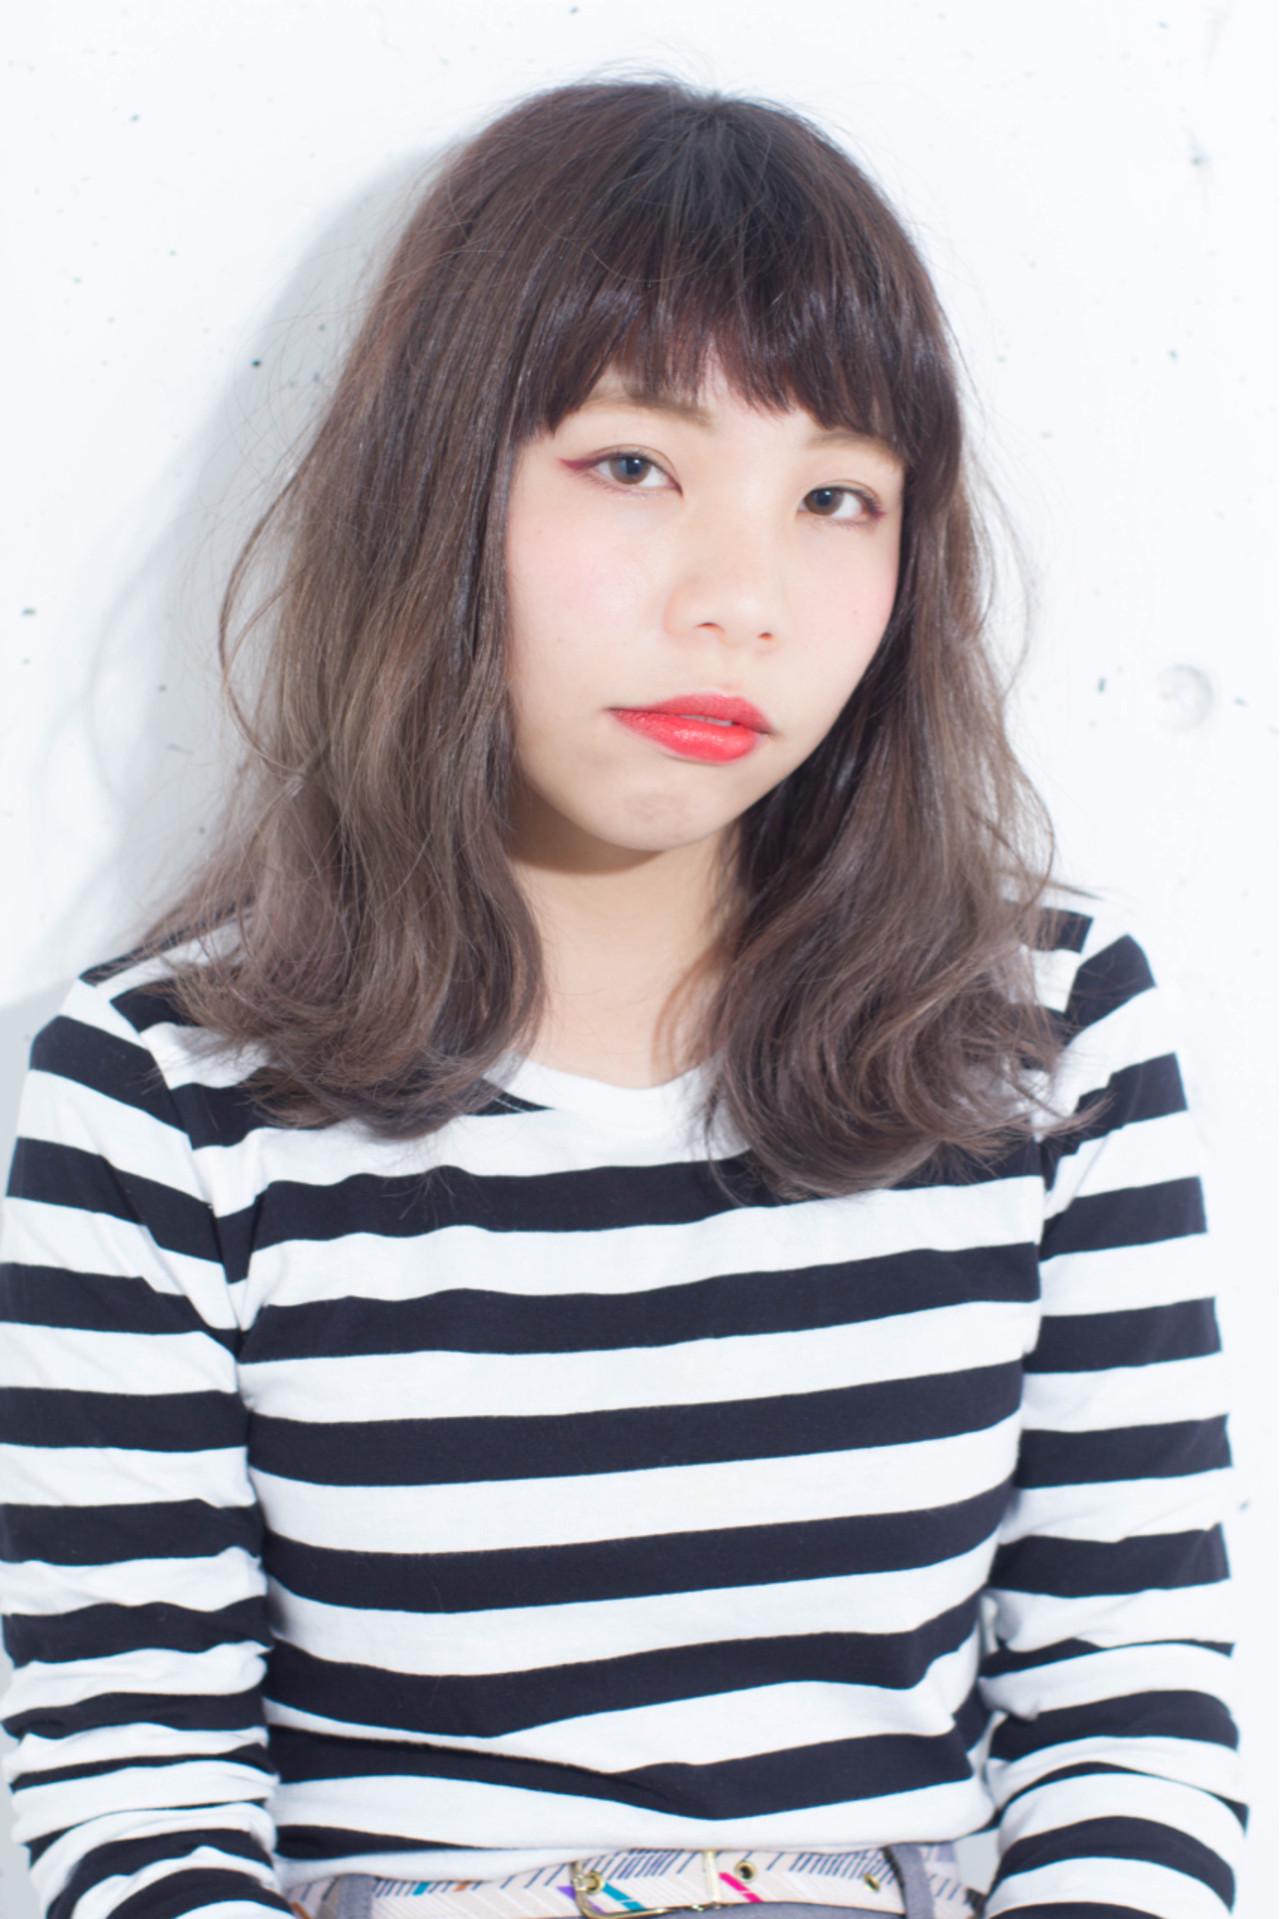 黒髪 ハイライト アッシュ グラデーションカラー ヘアスタイルや髪型の写真・画像 | 長谷川 聖太 / sowi hair design  (ソーイ)